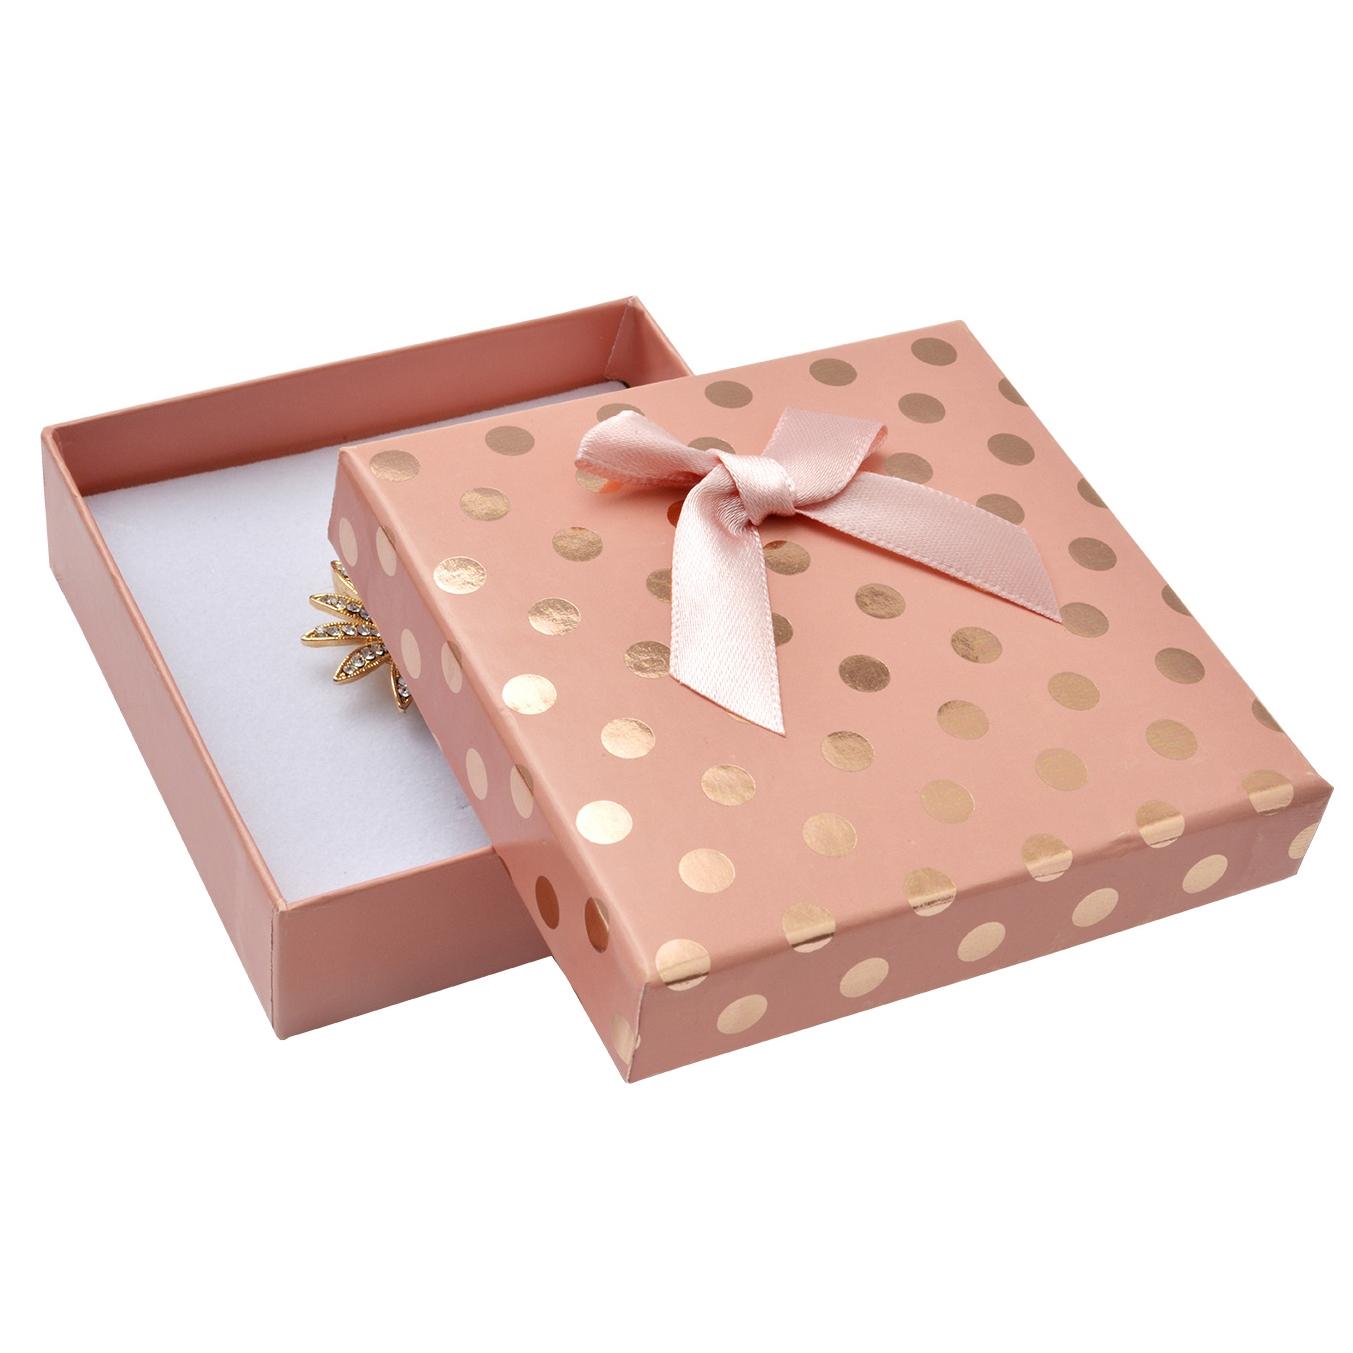 Dárková krabička na soupravu, růžová se zlatými puntíky